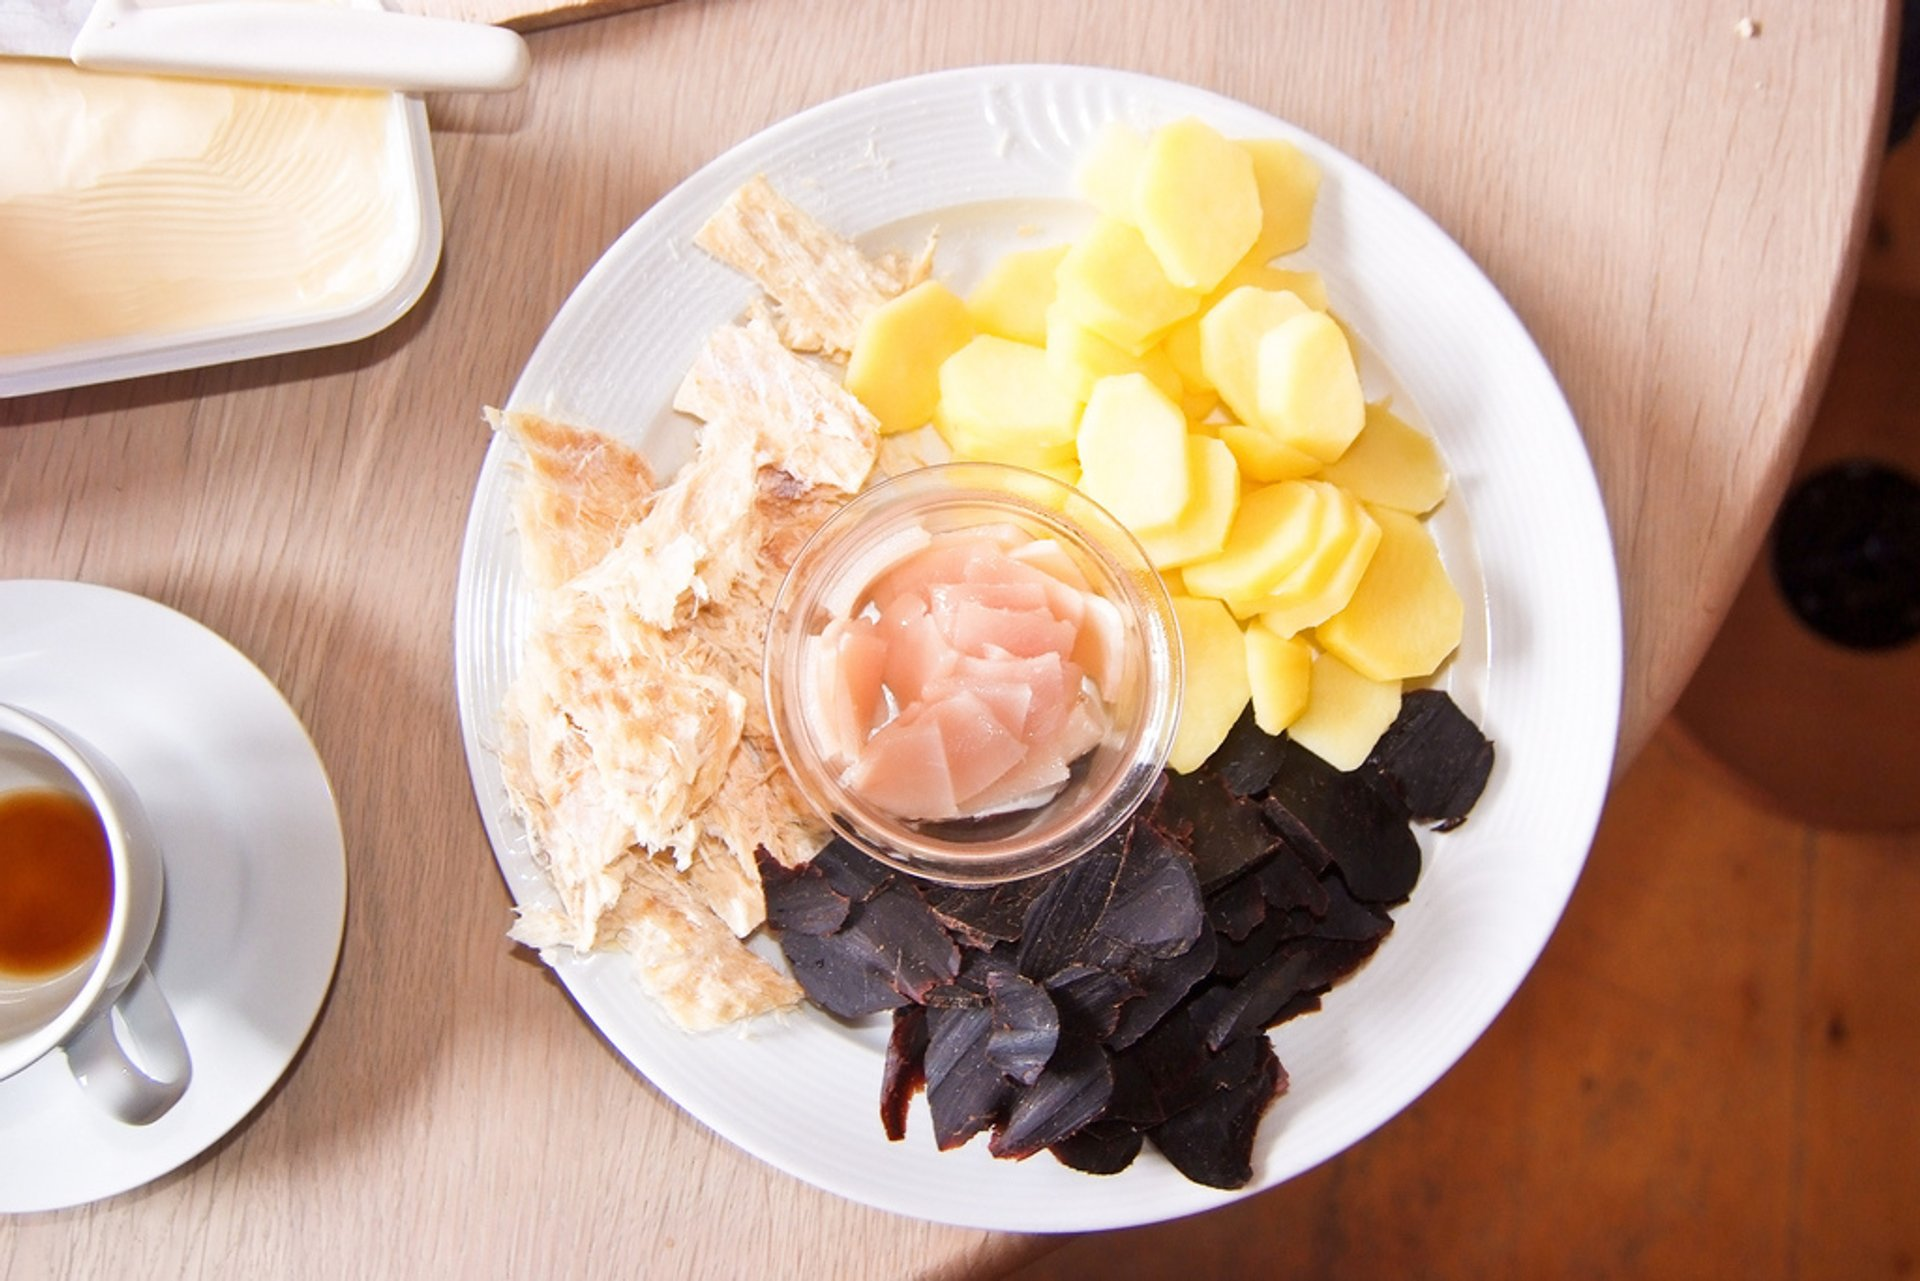 New Nordic Cuisine in Faroe Islands 2019 - Best Time